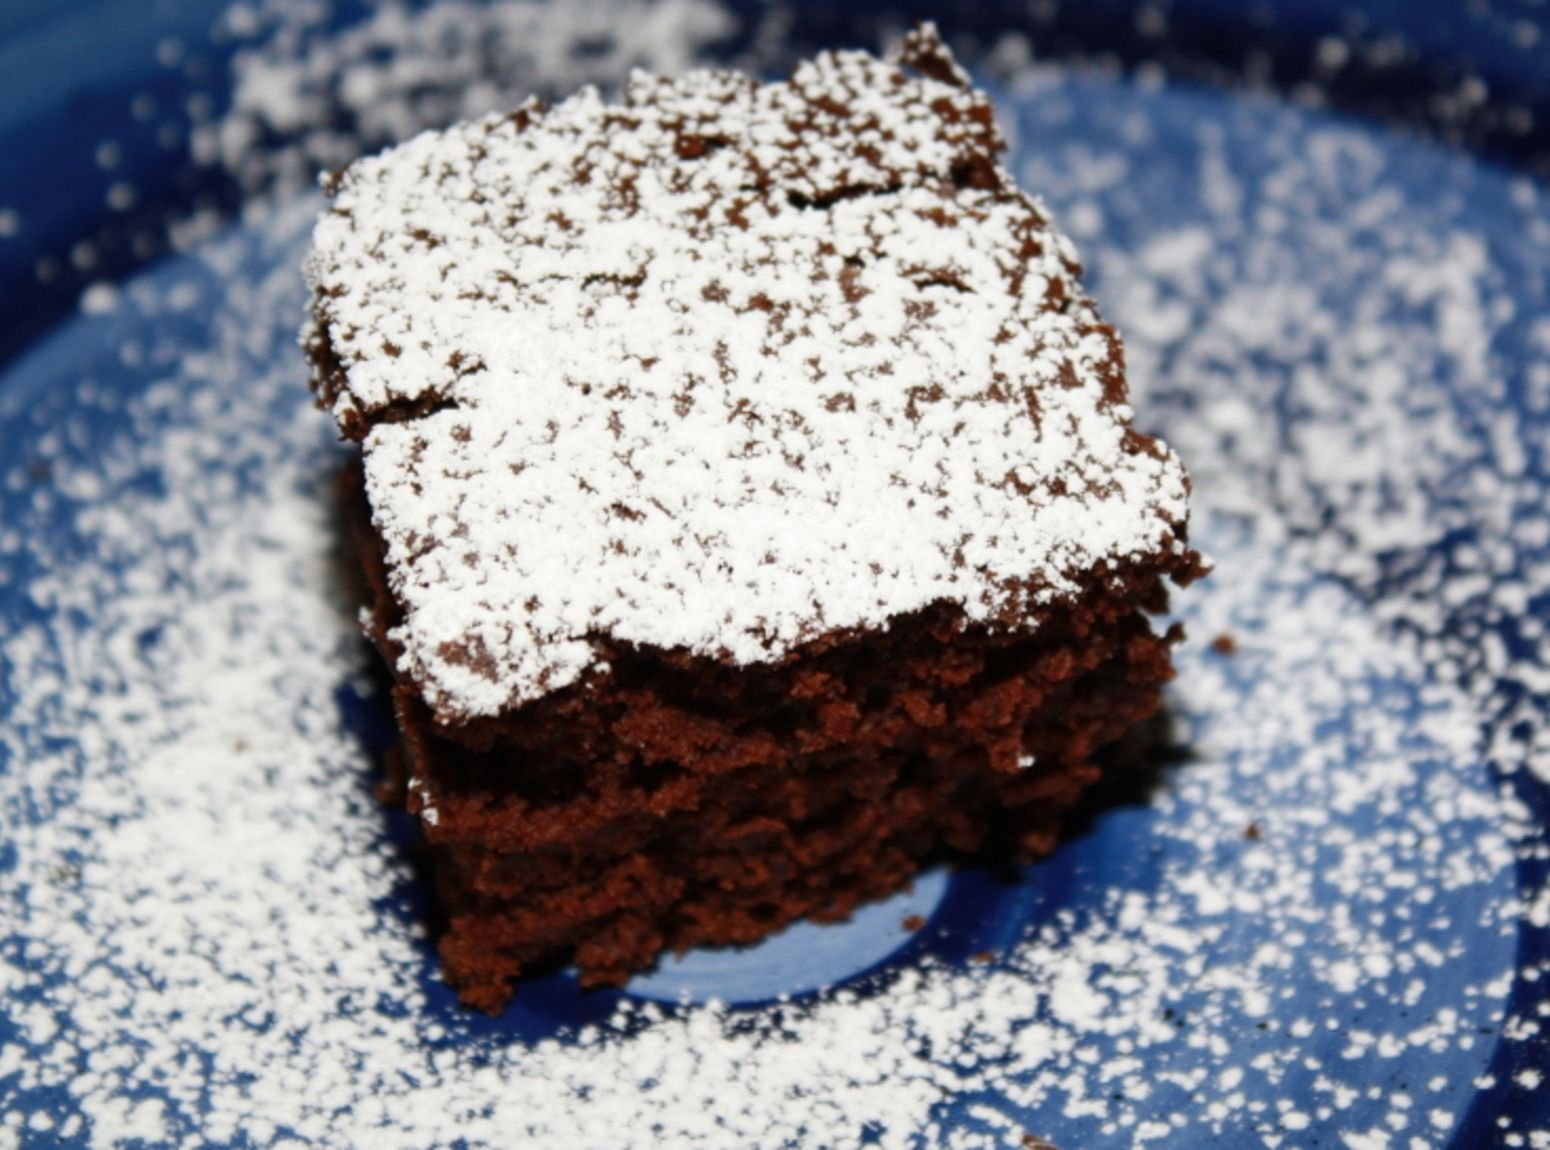 Wacky Cake Peanut Butter Frosting